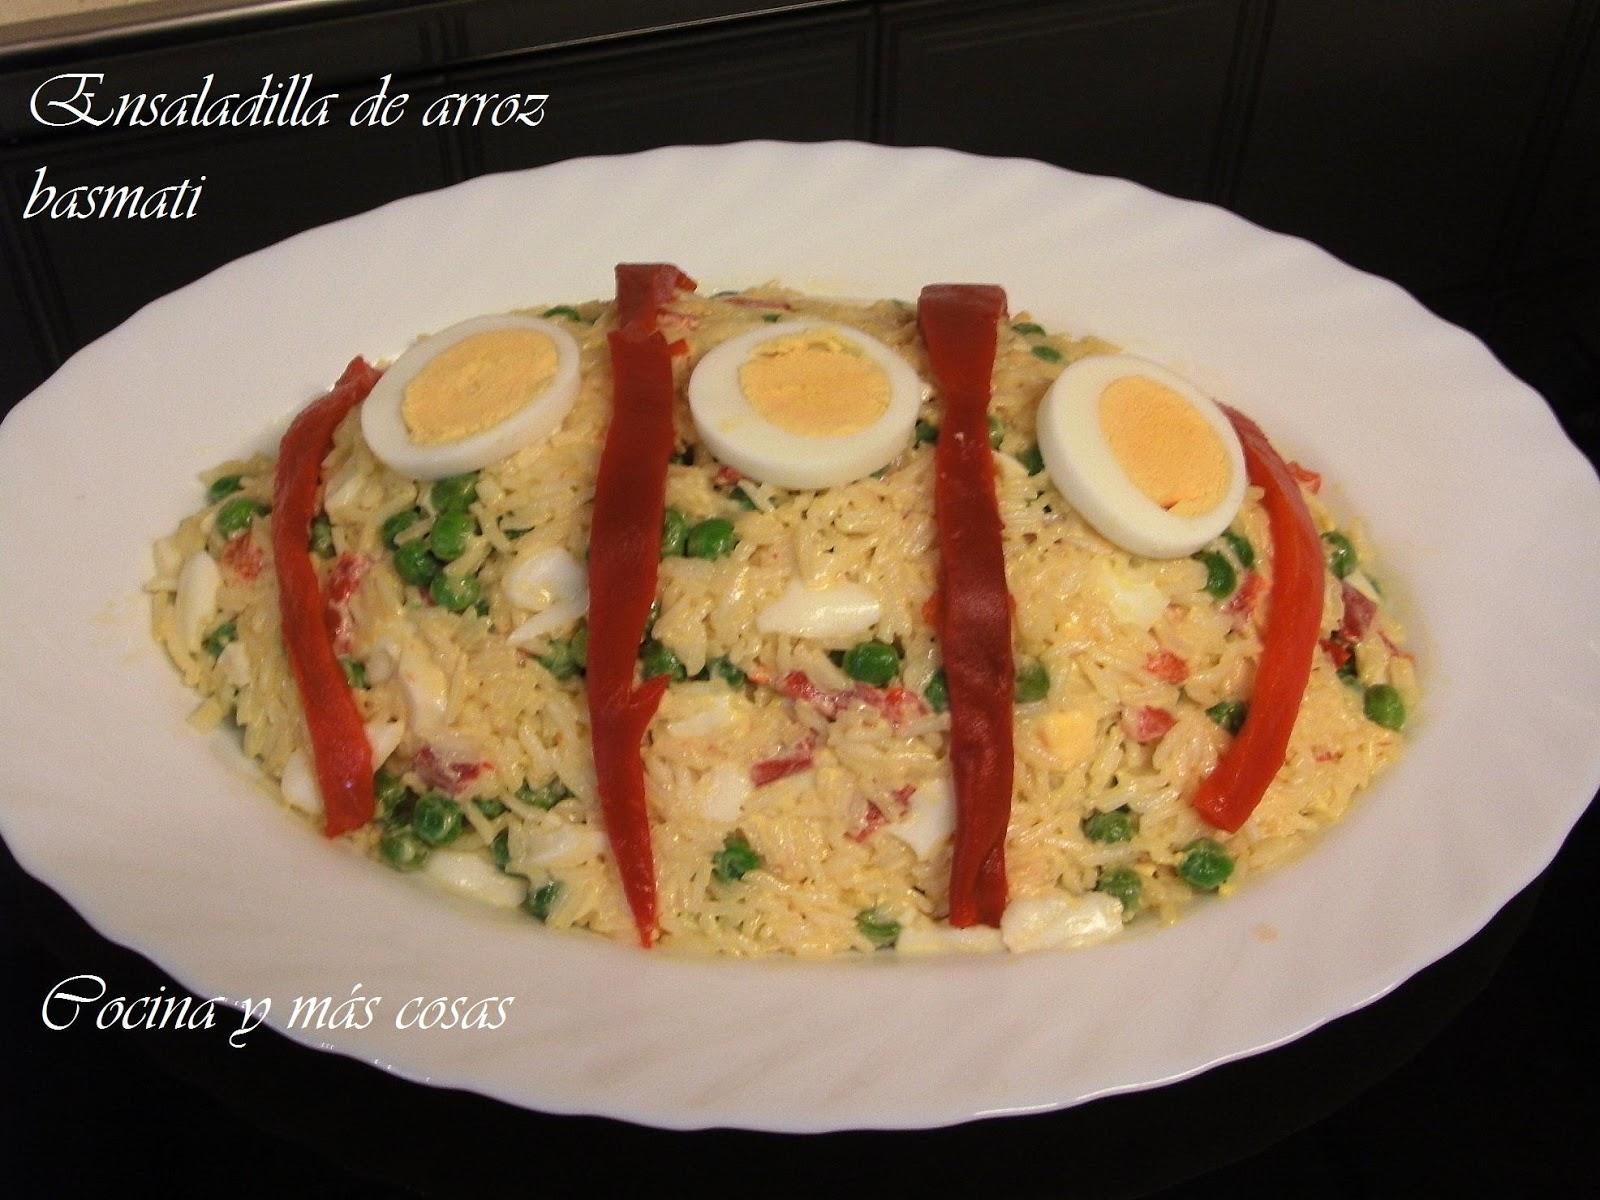 Cocina y m s cosas ensalada de arroz - Ensalada de arroz light ...